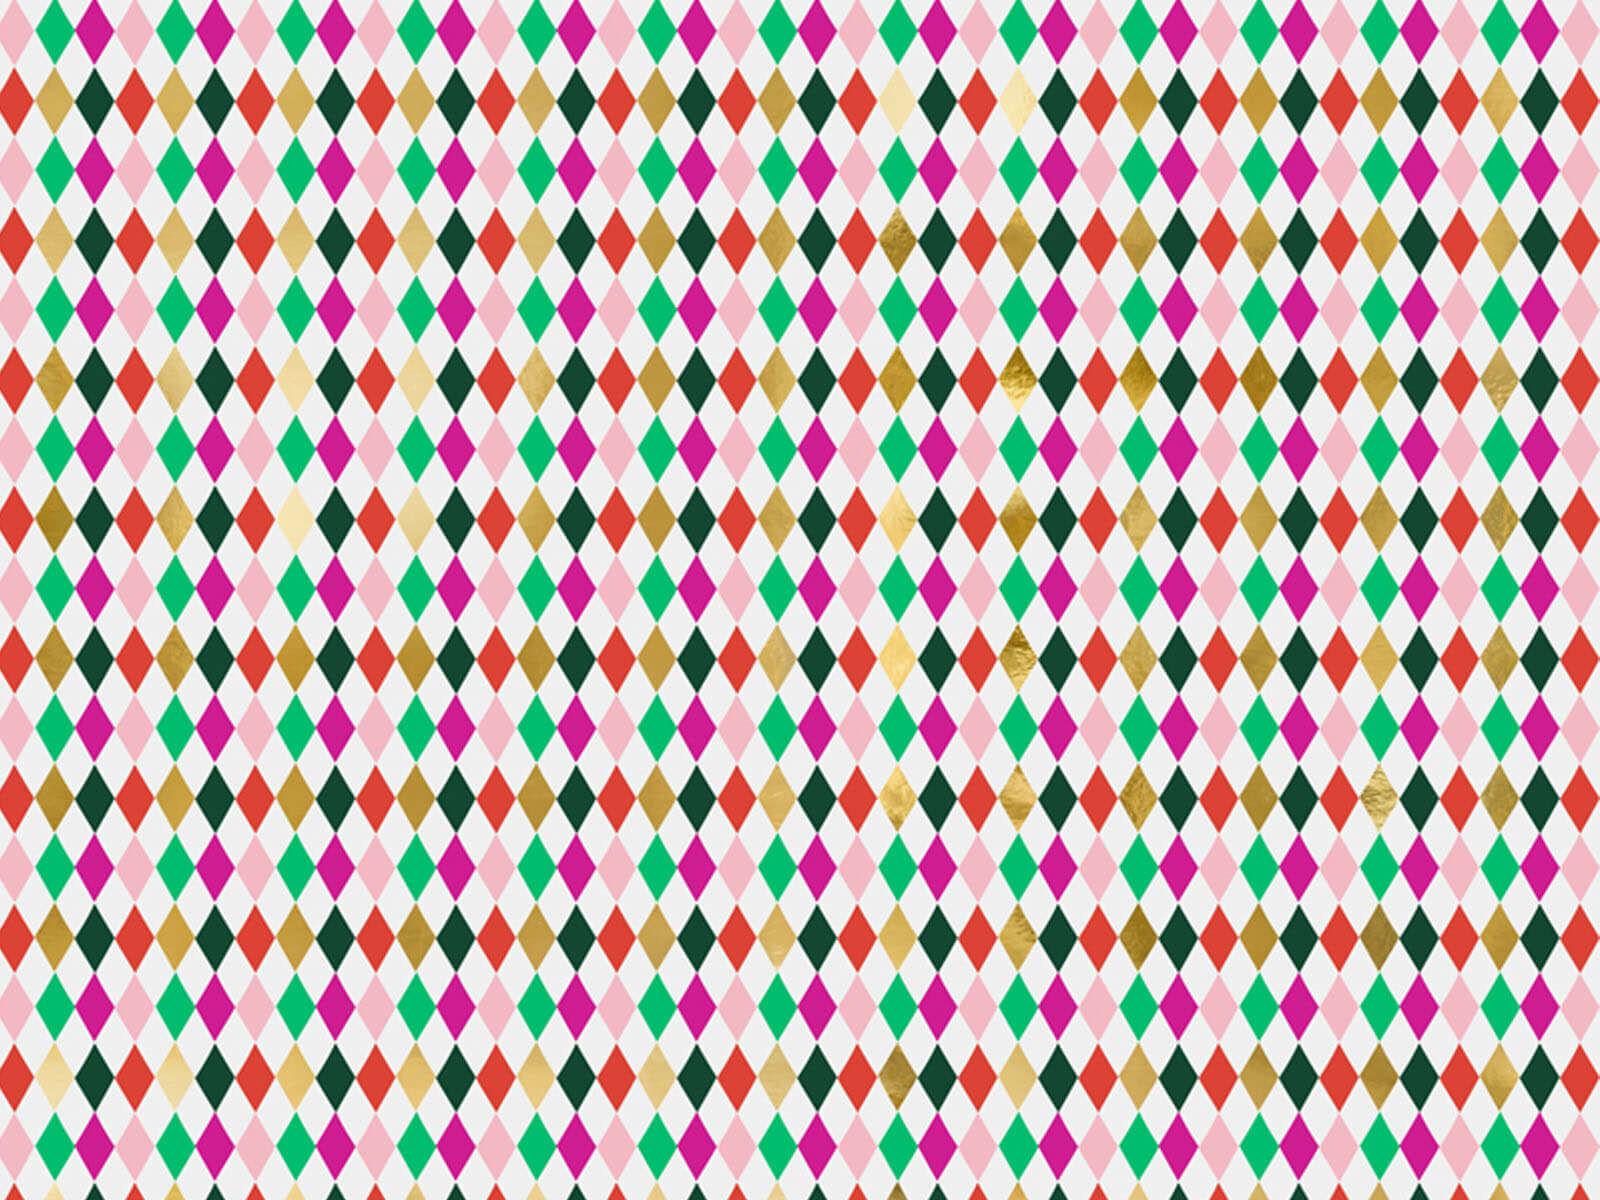 Papier do pakowania prezentów Kolorowe Romby - 70 x 200 cm - 1 szt.